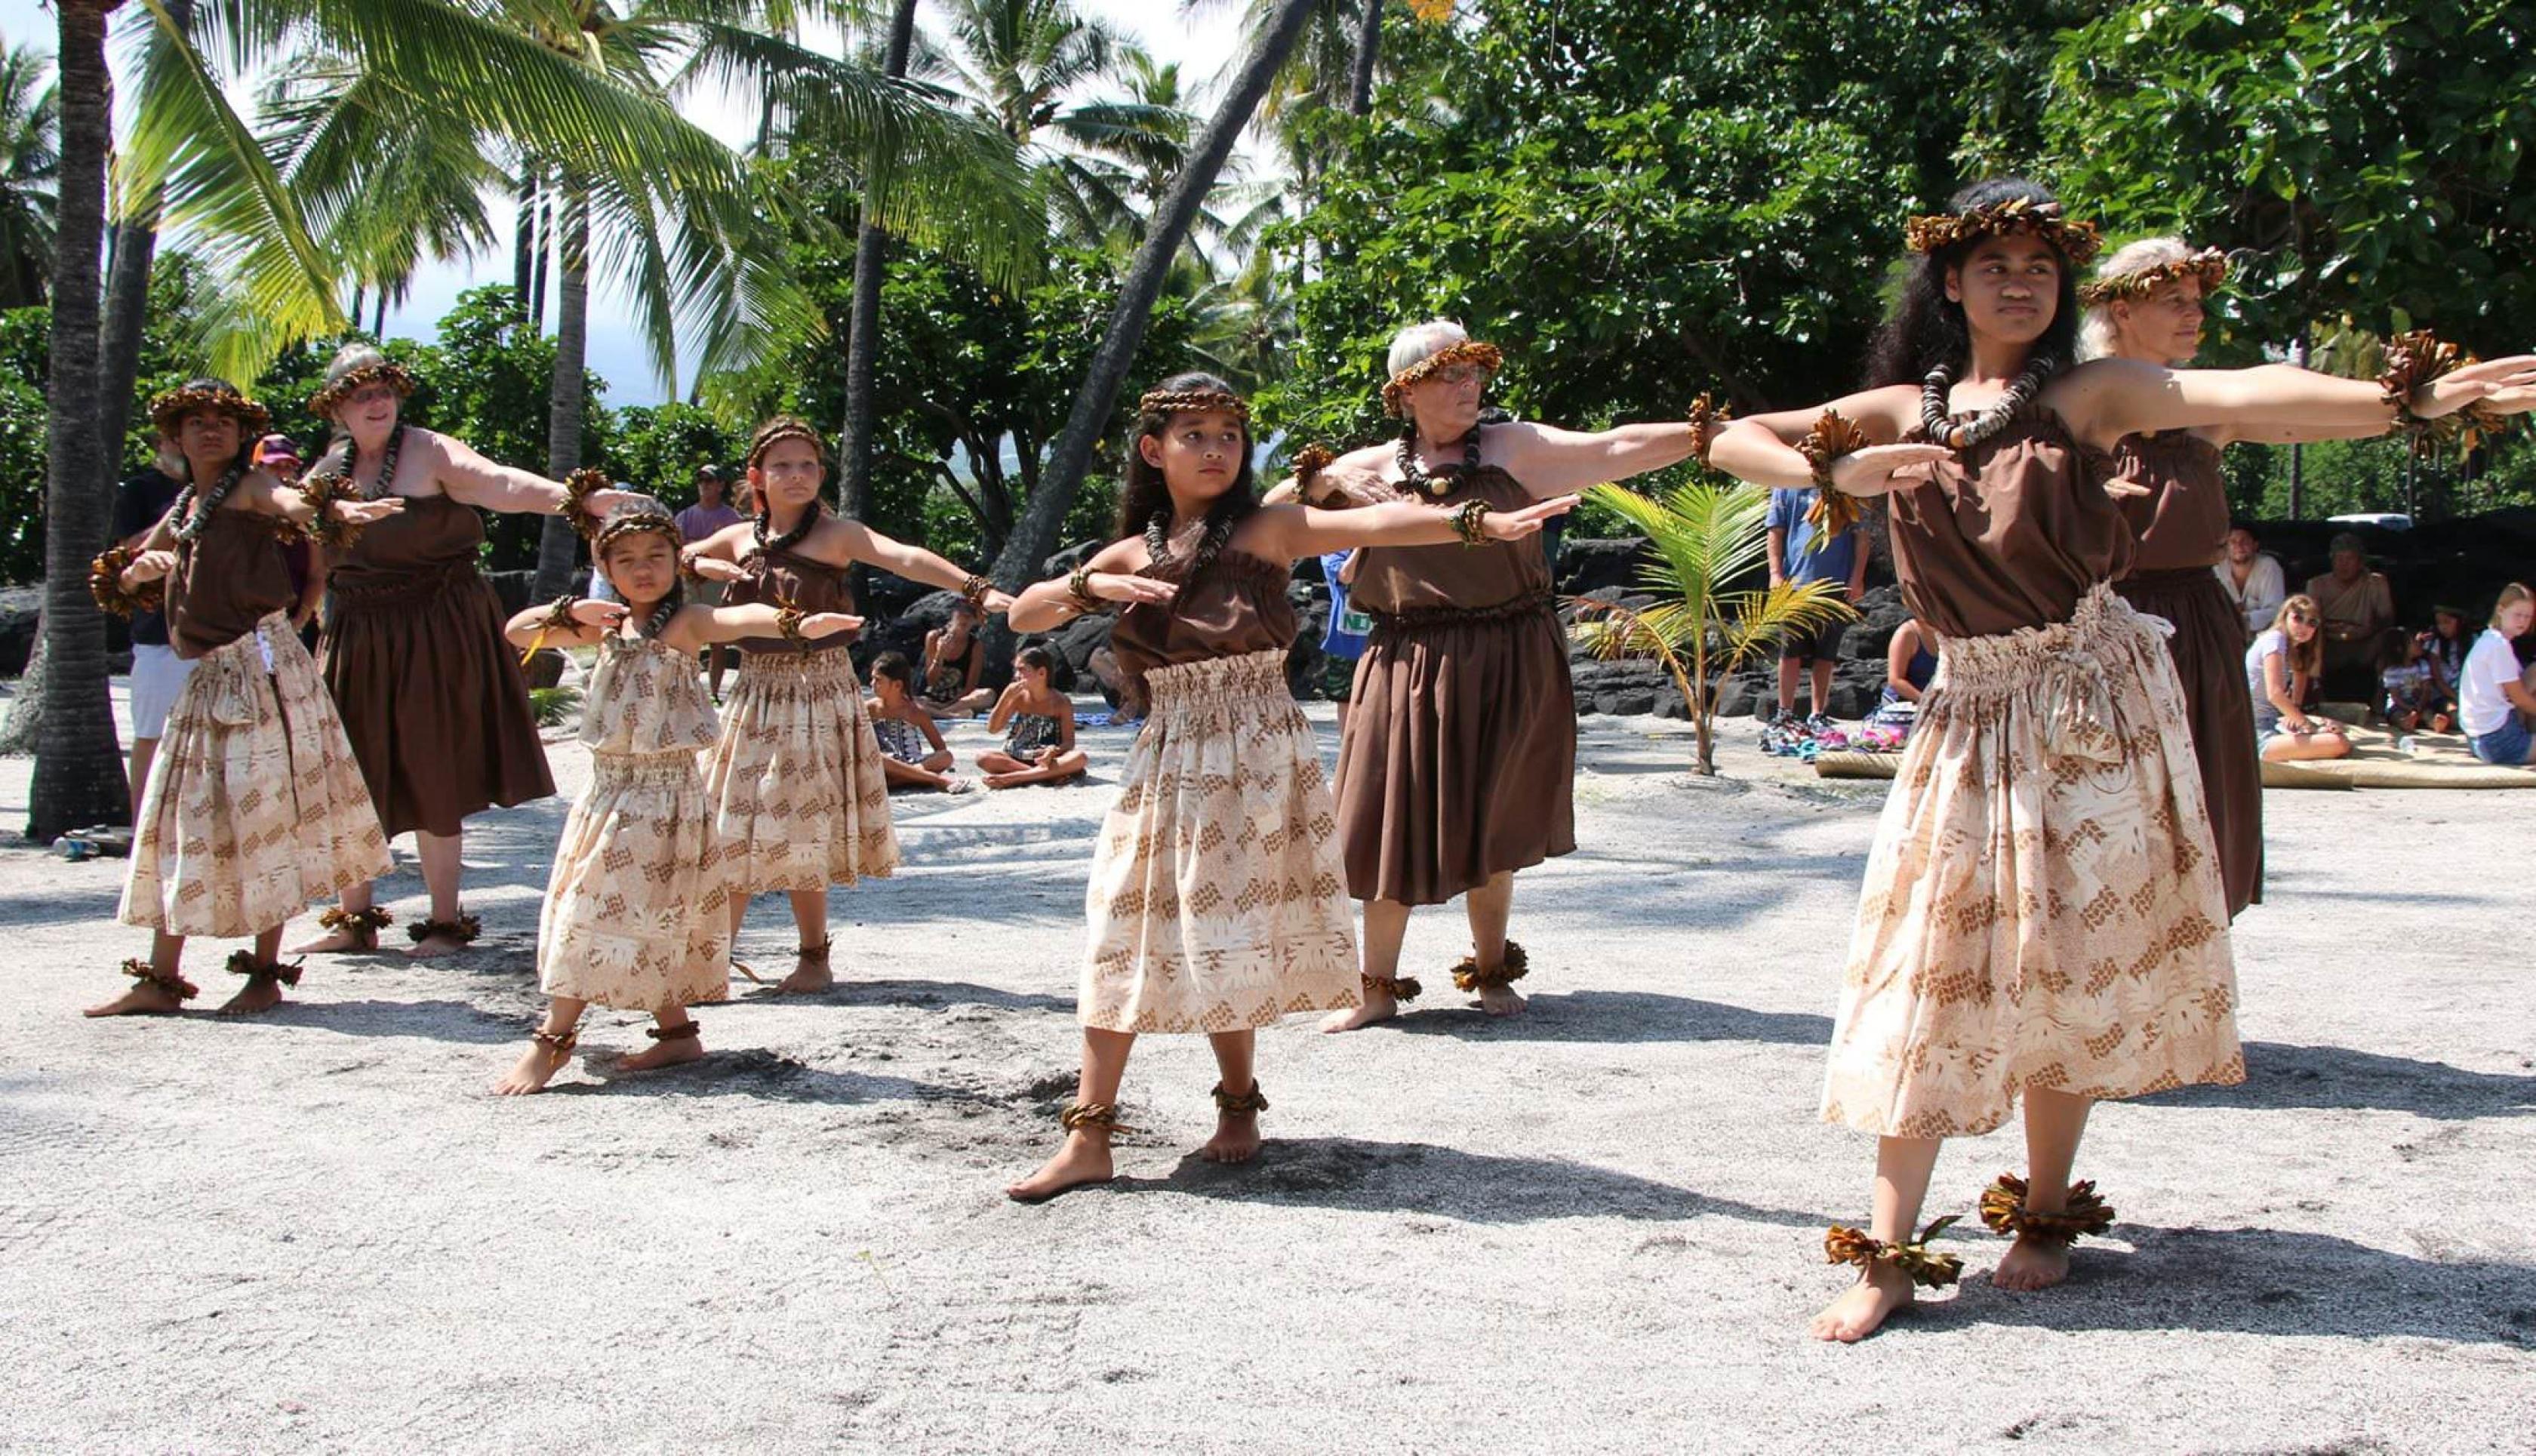 bailarines nativos en el Parque Nacional de Pu'uhonua.